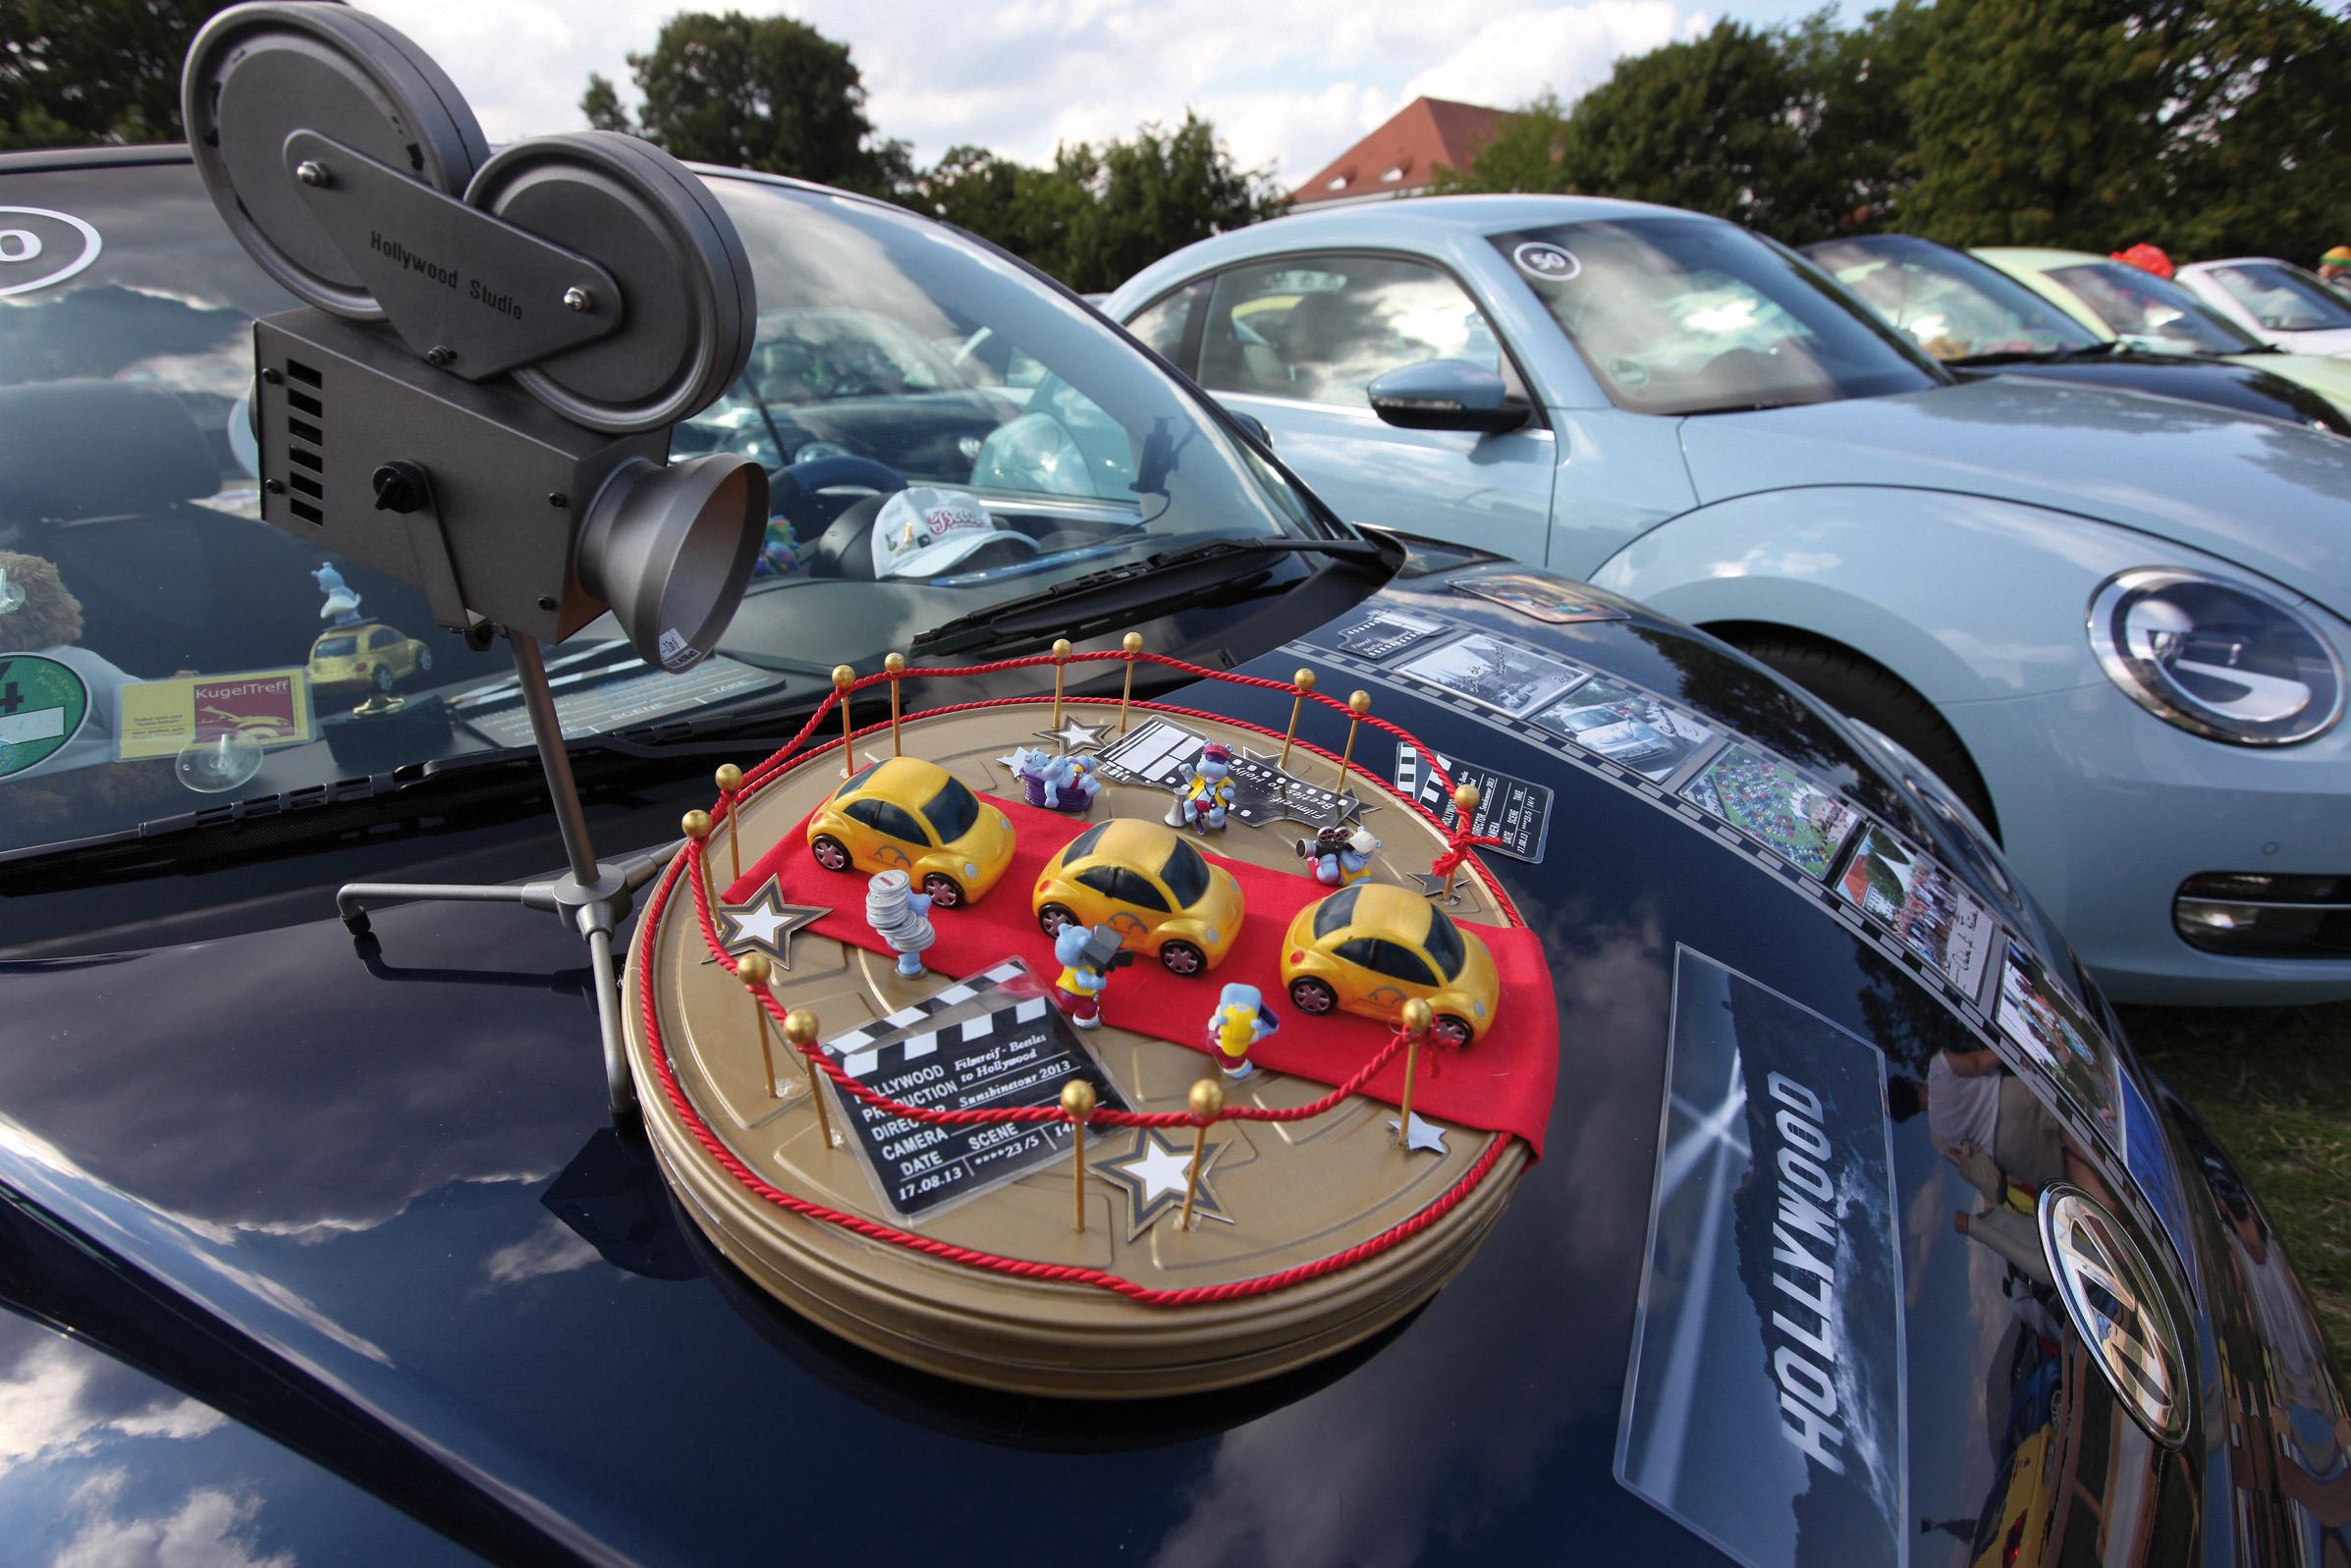 volkswagen-beetle-baltic-sea-2013-005